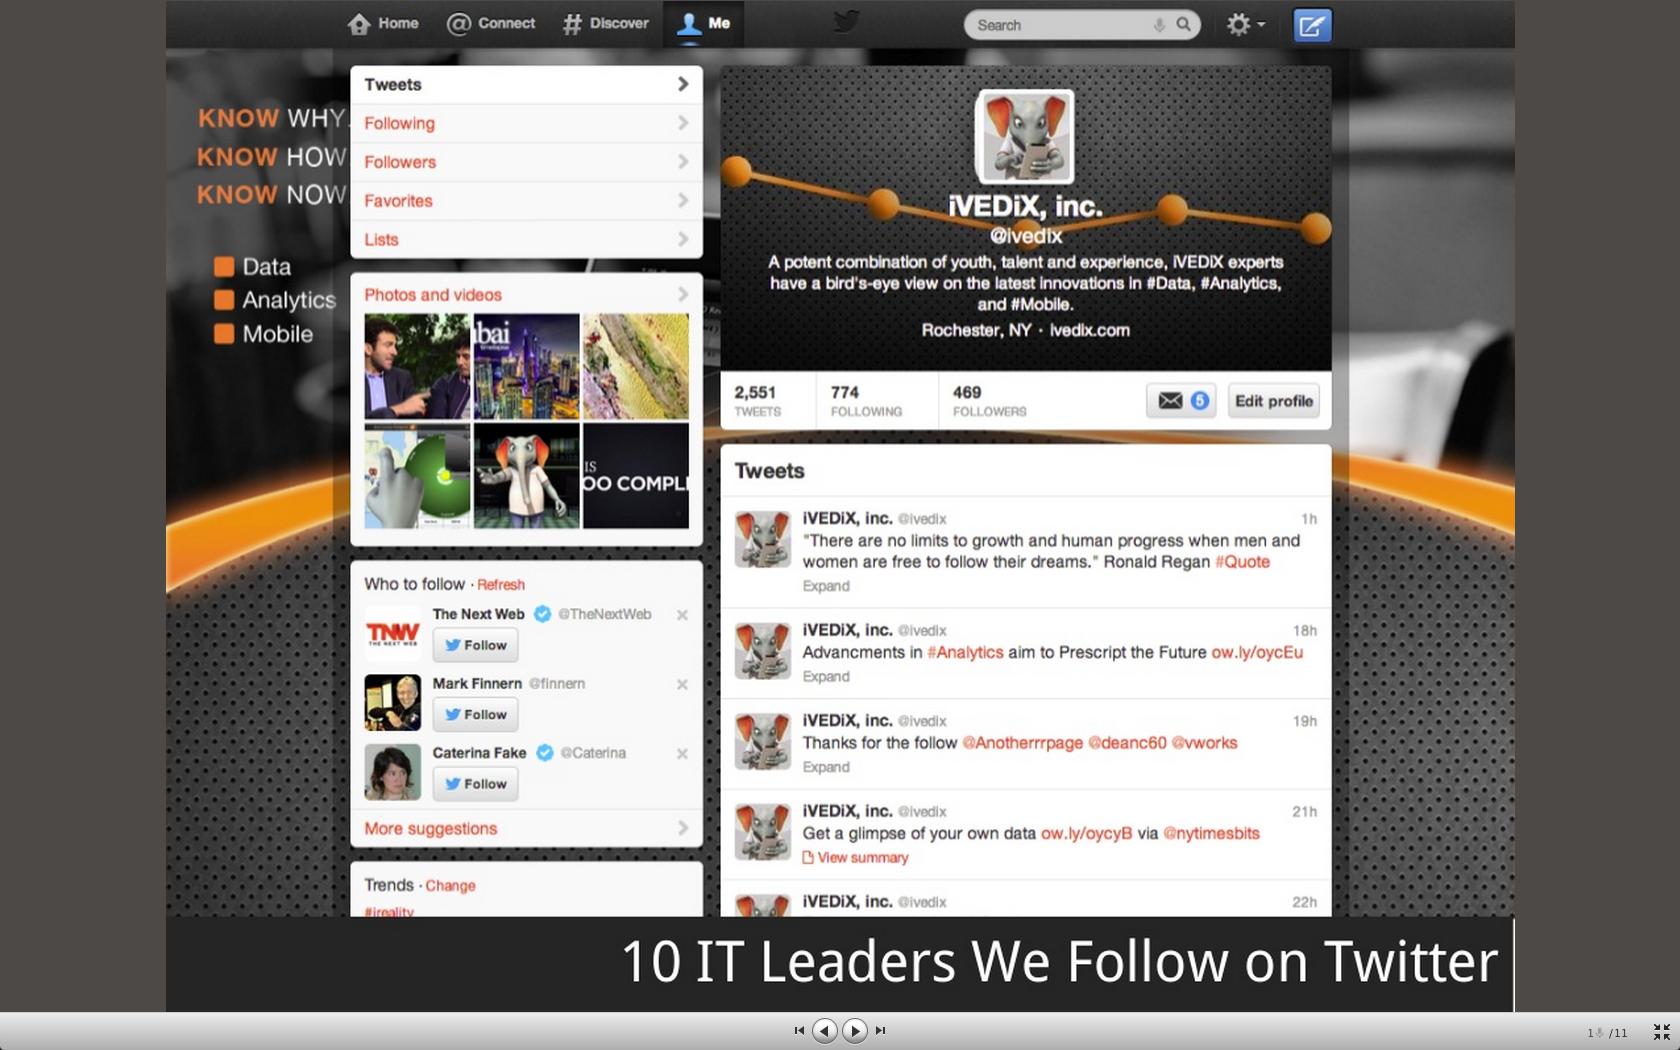 10 IT Leaders We Follow On Twitter